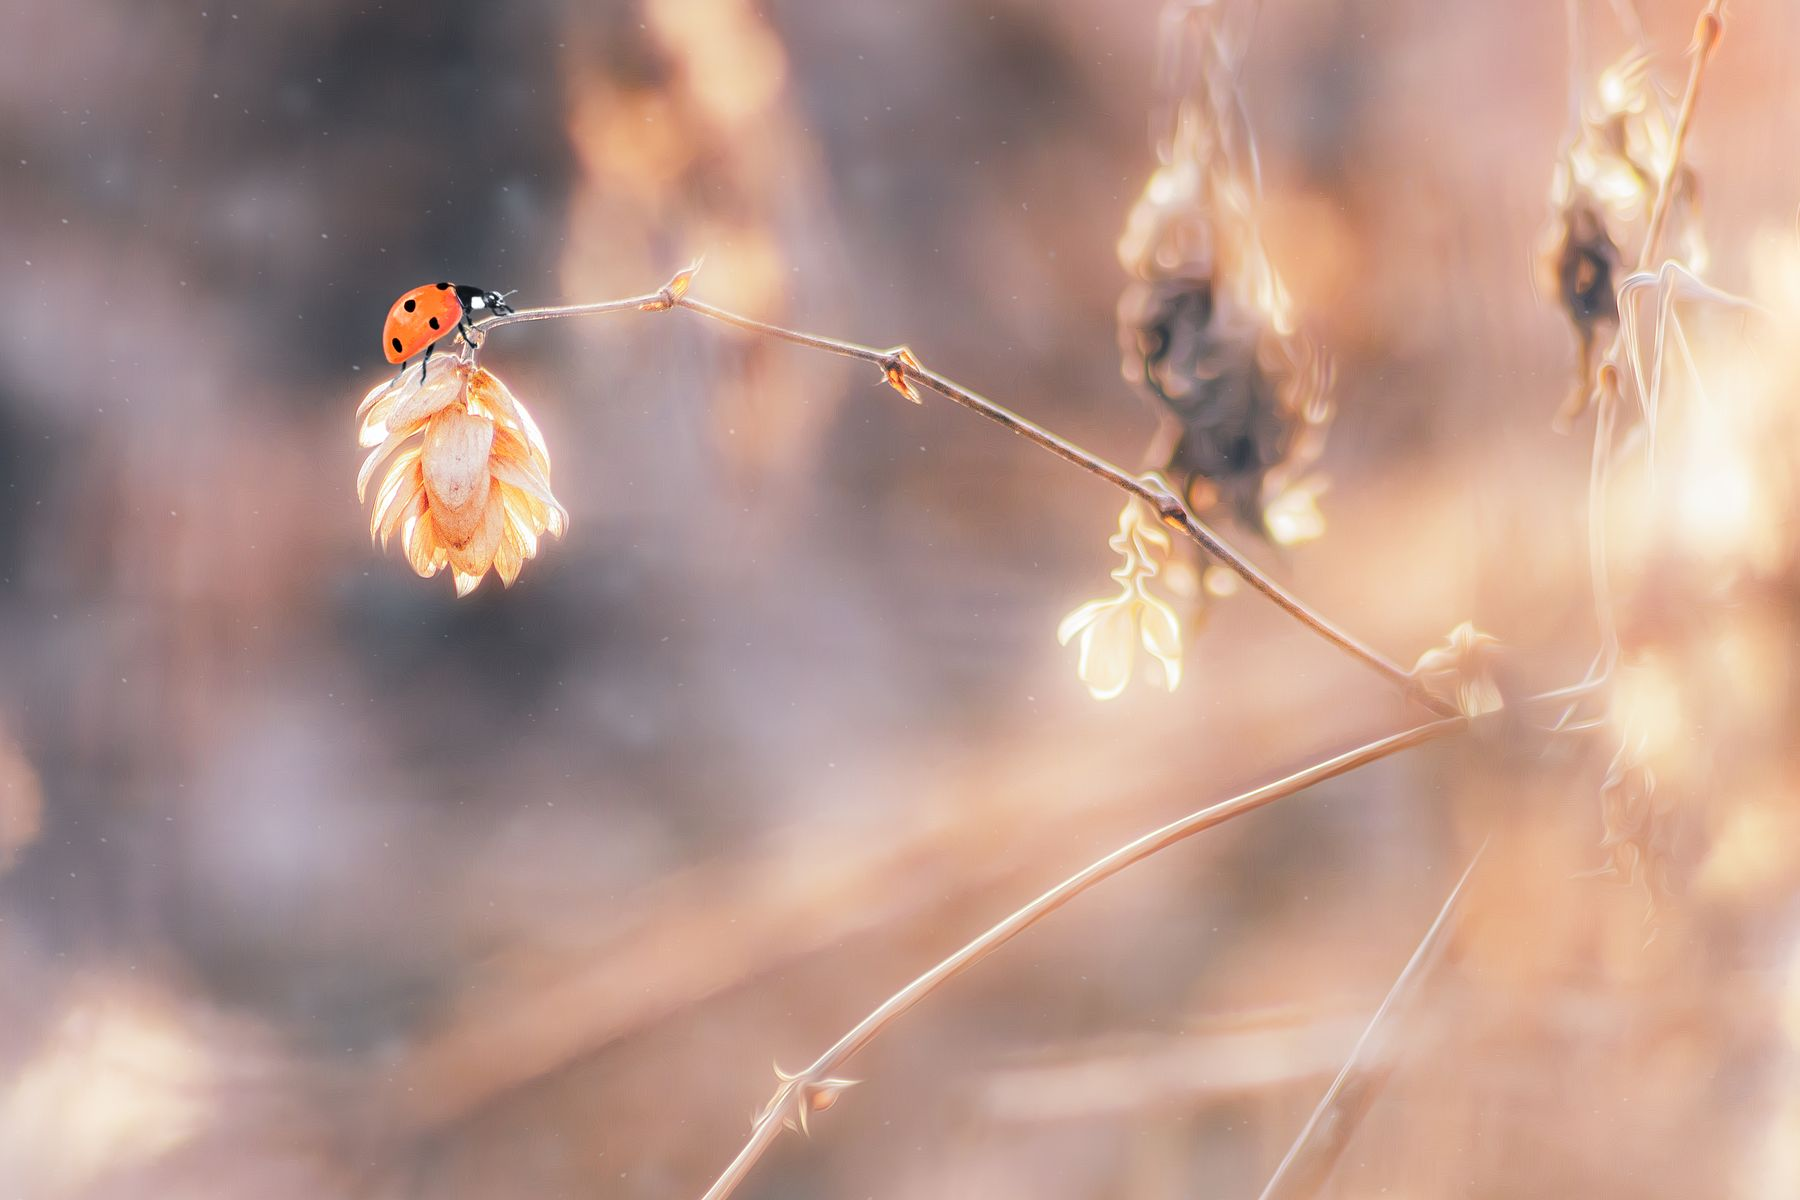 Где-то во вселенной... макро букашка трава насекомые фон боке природа осень свет цвет хмель